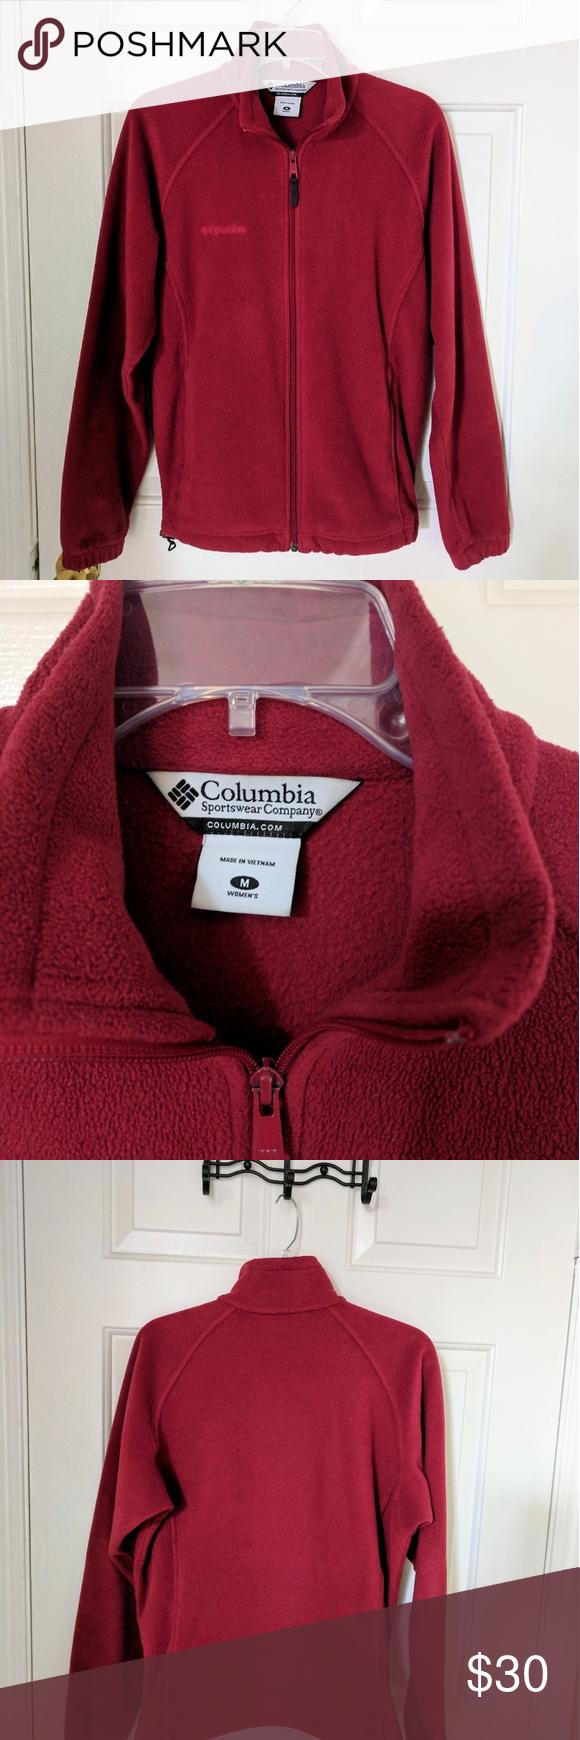 Womenus columbia full zip fleece jacket red columbia fleece jacket